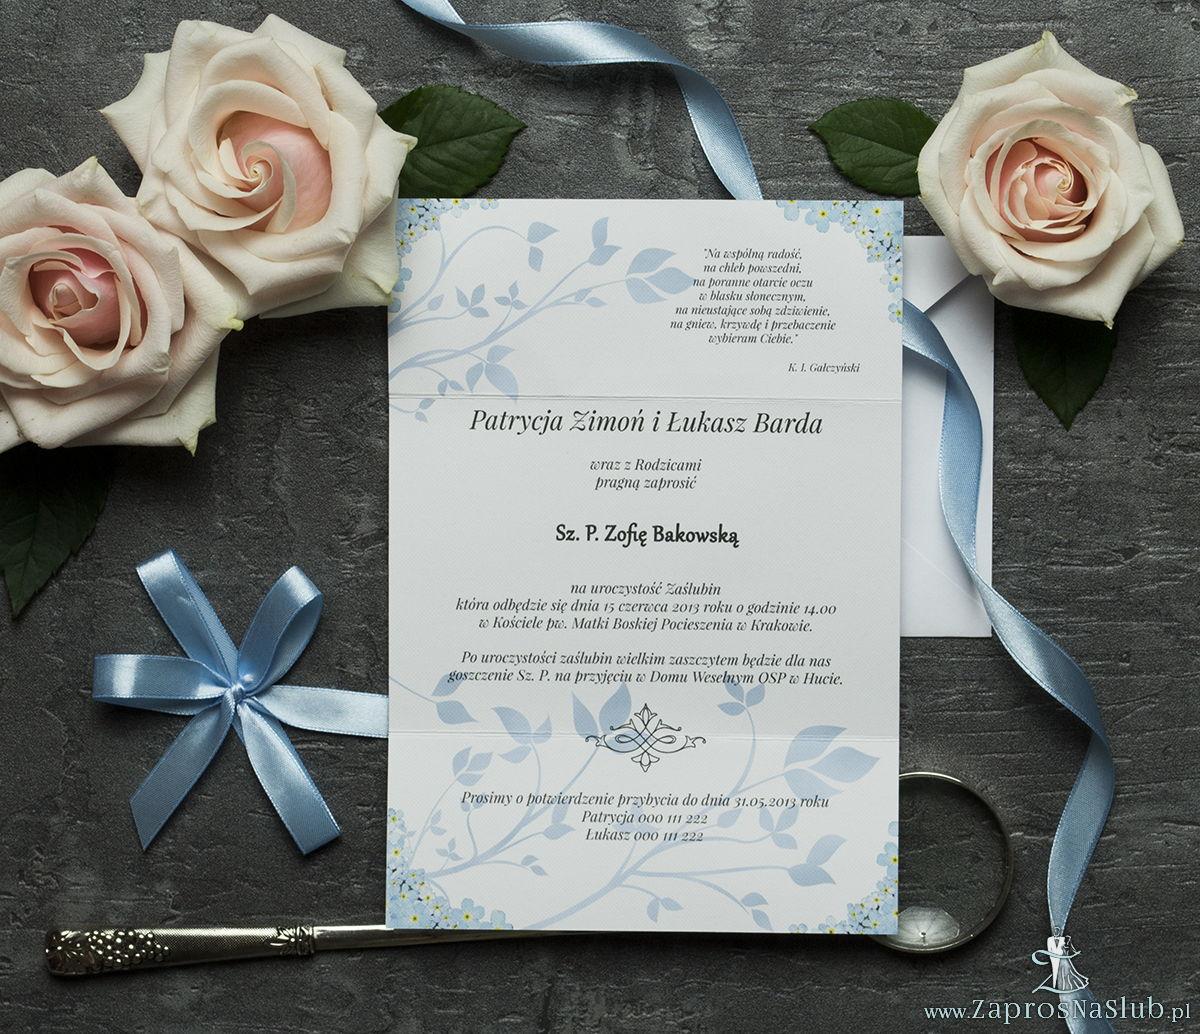 Unikatowe zaproszenia ślubne z kwiatami. Niezapominajki i wstążka w błękitnym kolorze. ZAP-93-05